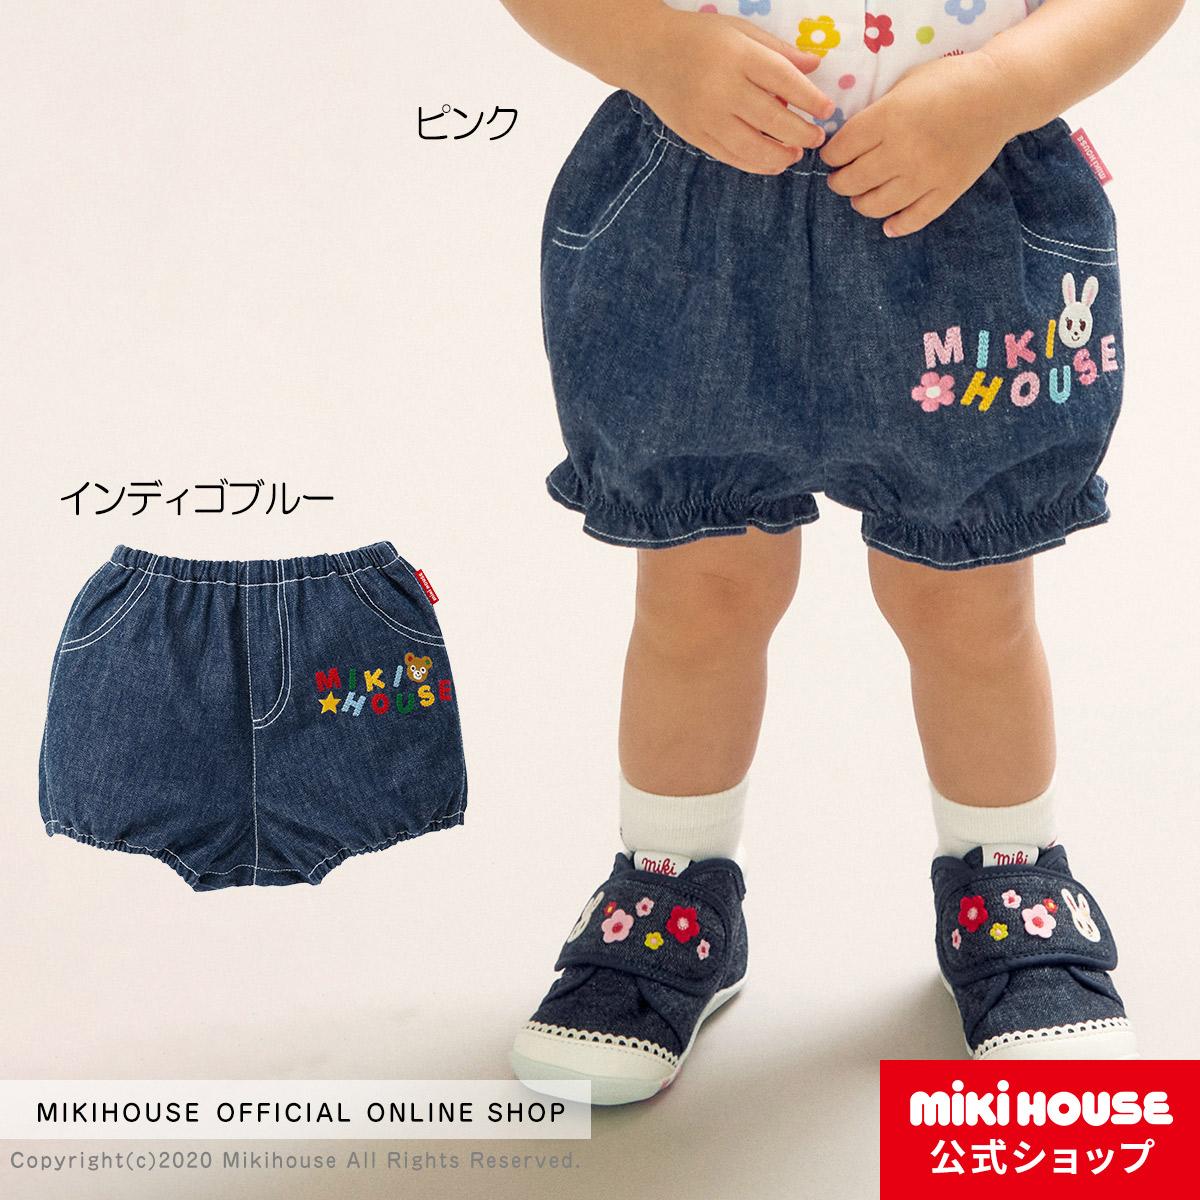 ミキハウス mikihouse ブルマ〈フリー 70cm-90cm 〉 セール特価 ベビー服 子供服 パンツ 女の子 ボトムス 男の子 大注目 赤ちゃん